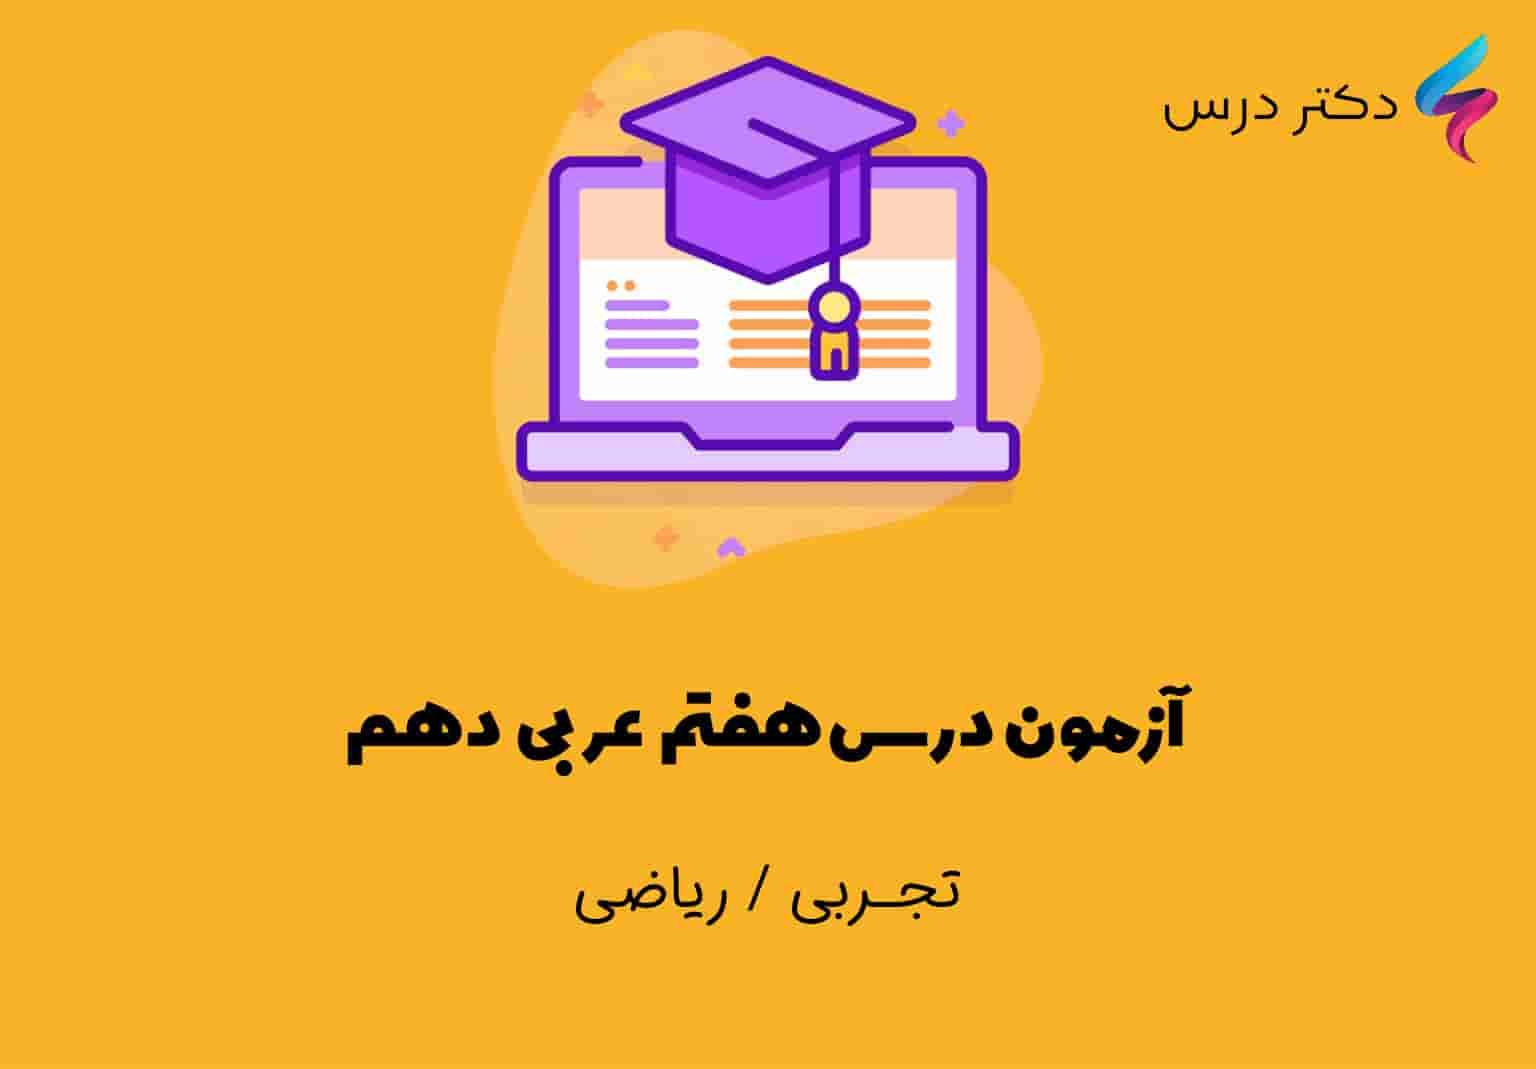 آزمون درس هفتم عربی دهم تجربی و ریاضی شامل تست های سطح بالا کنکور درس 7 با جواب   جار و مجرور و نون وقایه